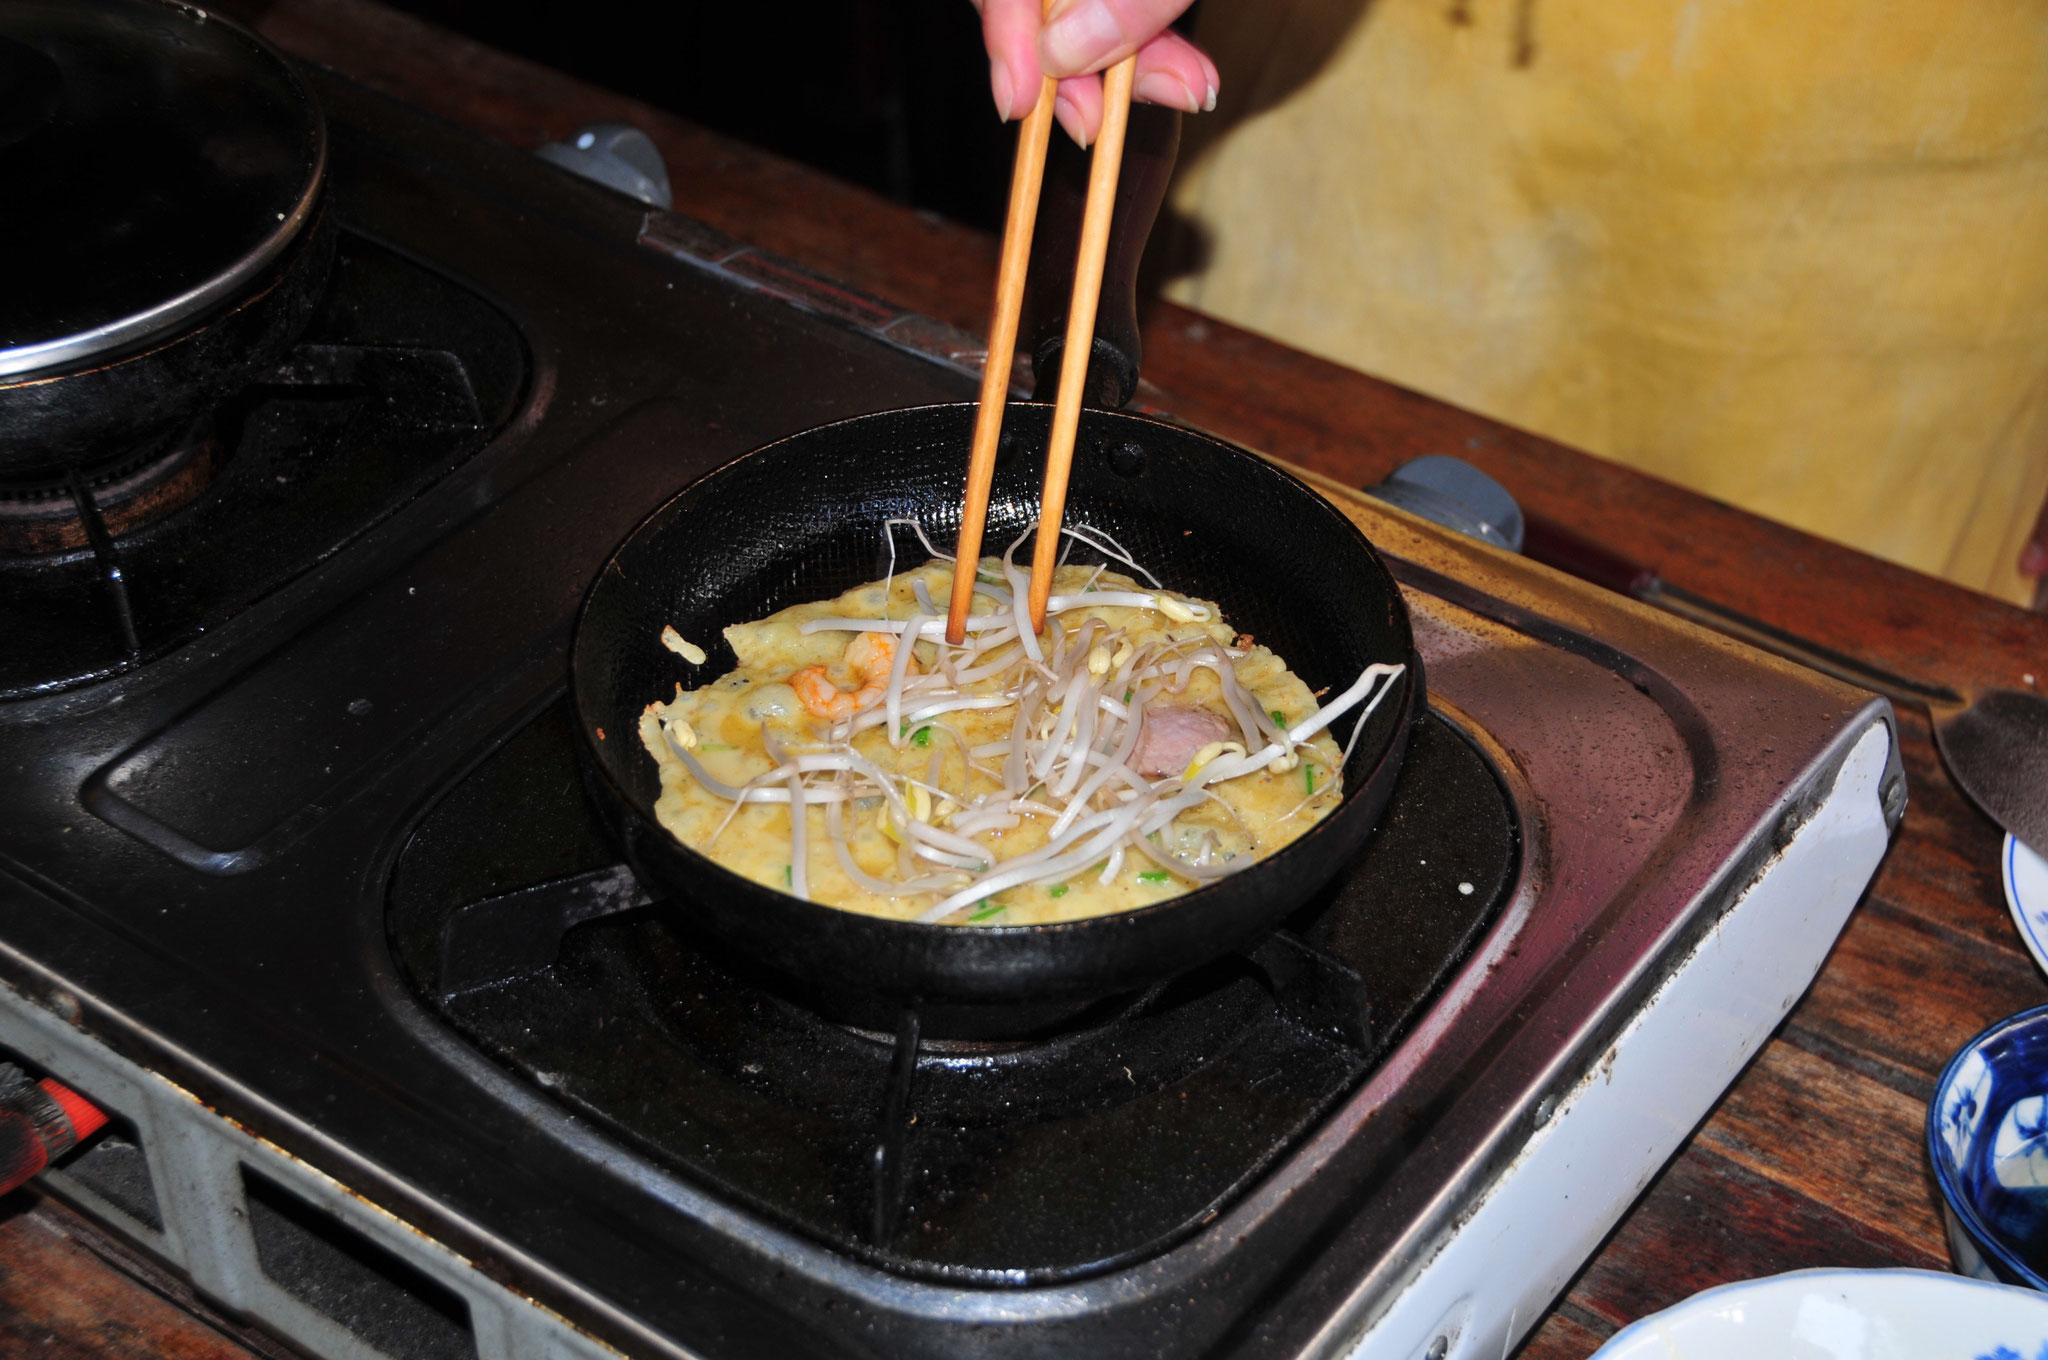 Wir erlernen die Zubereitung traditioneller Speisen